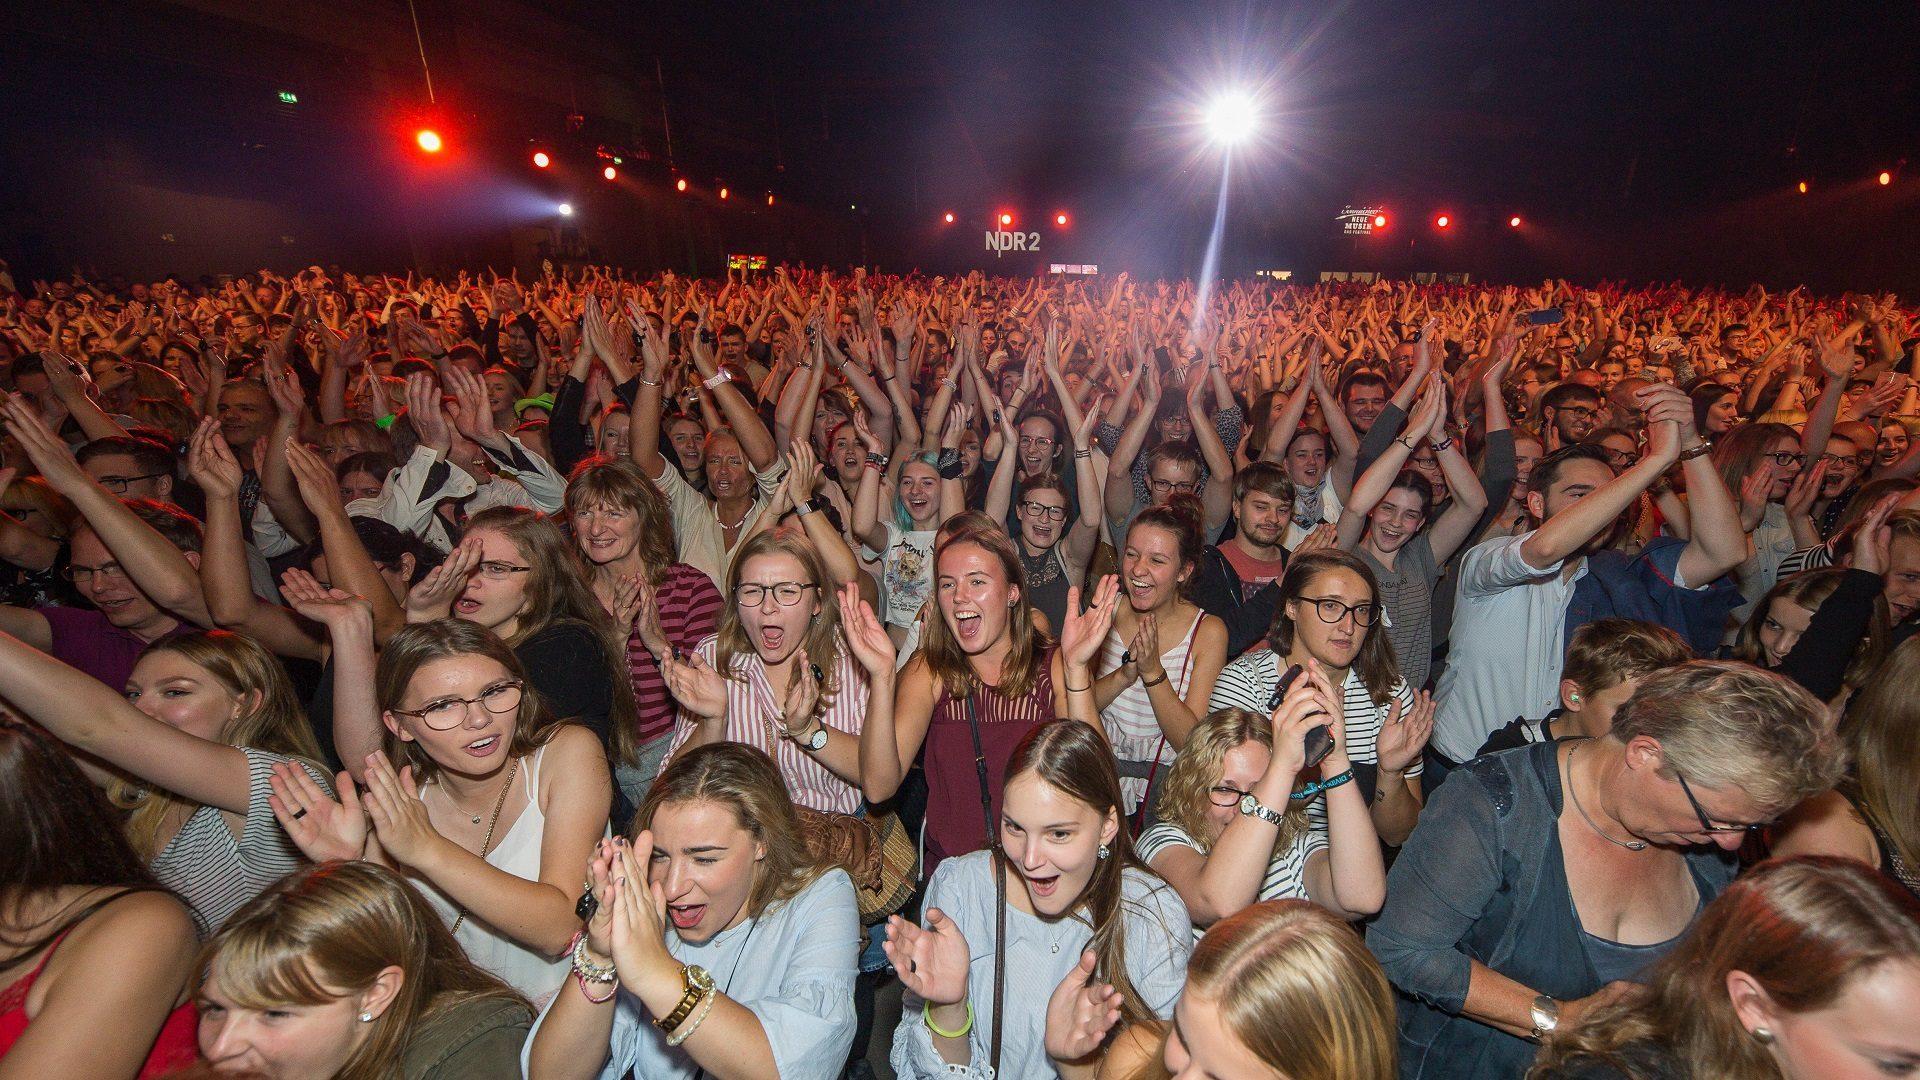 Musikszene Deutschland, Abschlusskonzert in der Lokhalle | NDR2 Soundcheck Festival 2018 in Göttingen